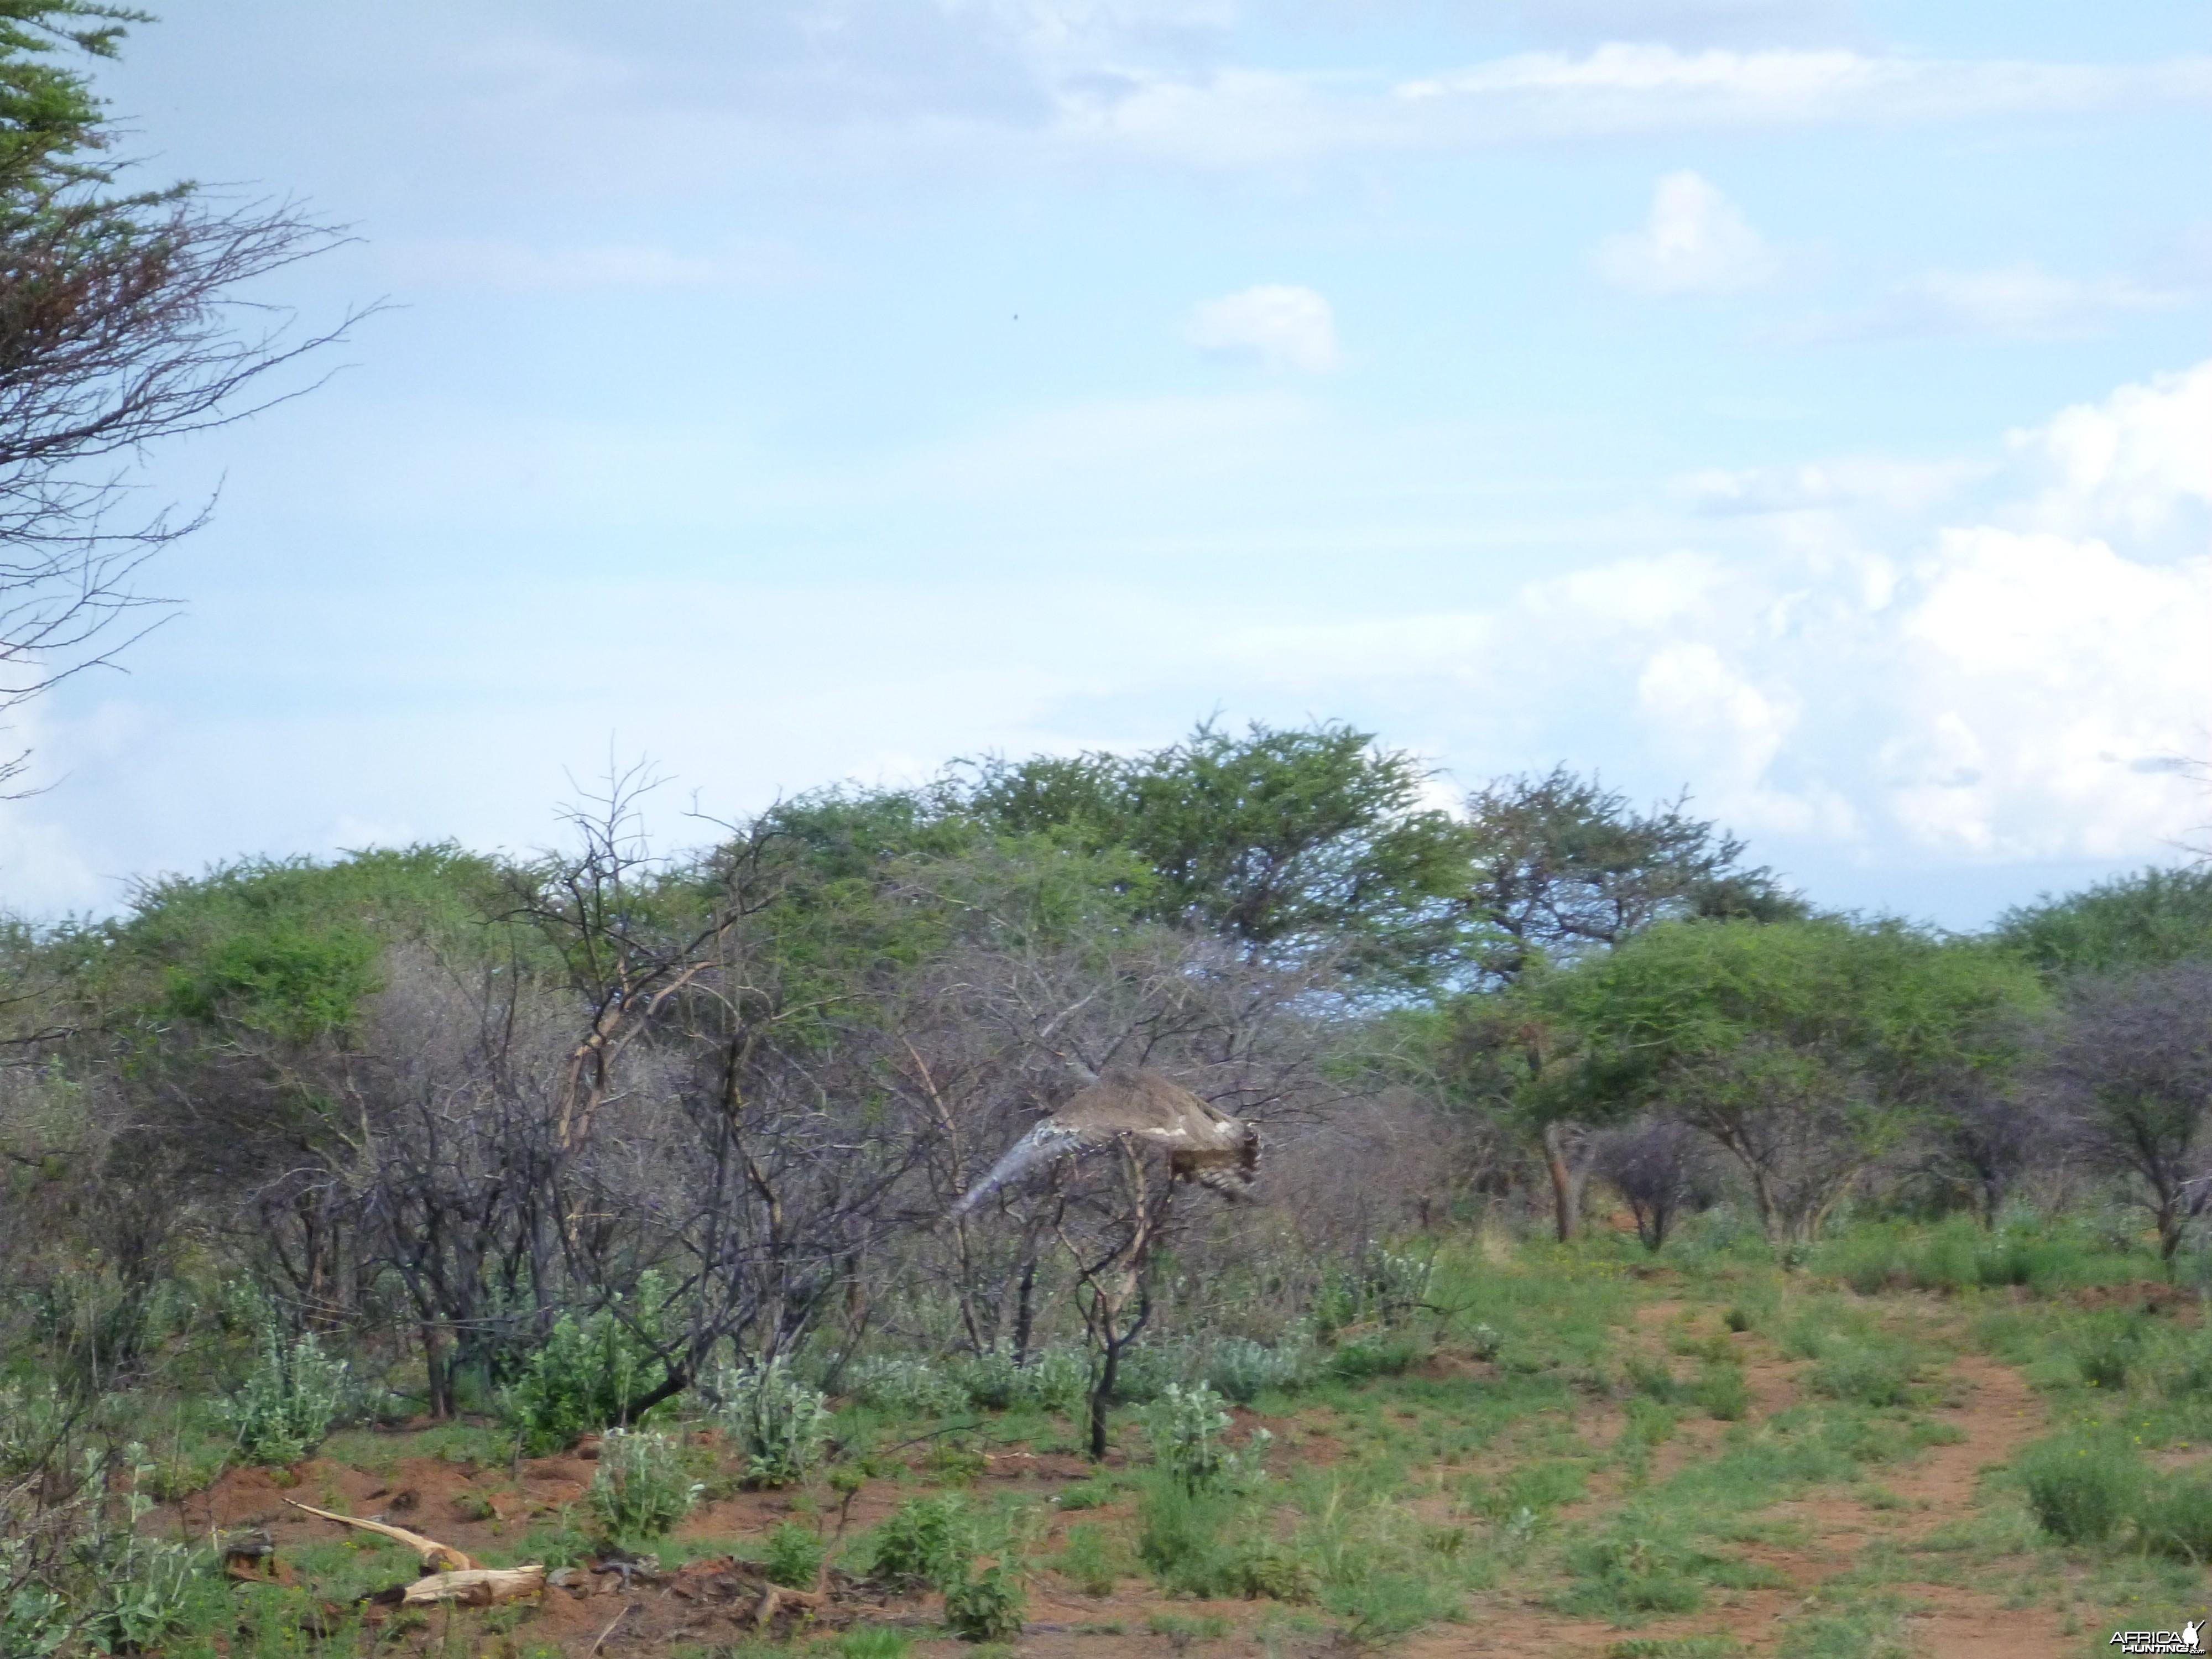 Kori Bustard Namibia